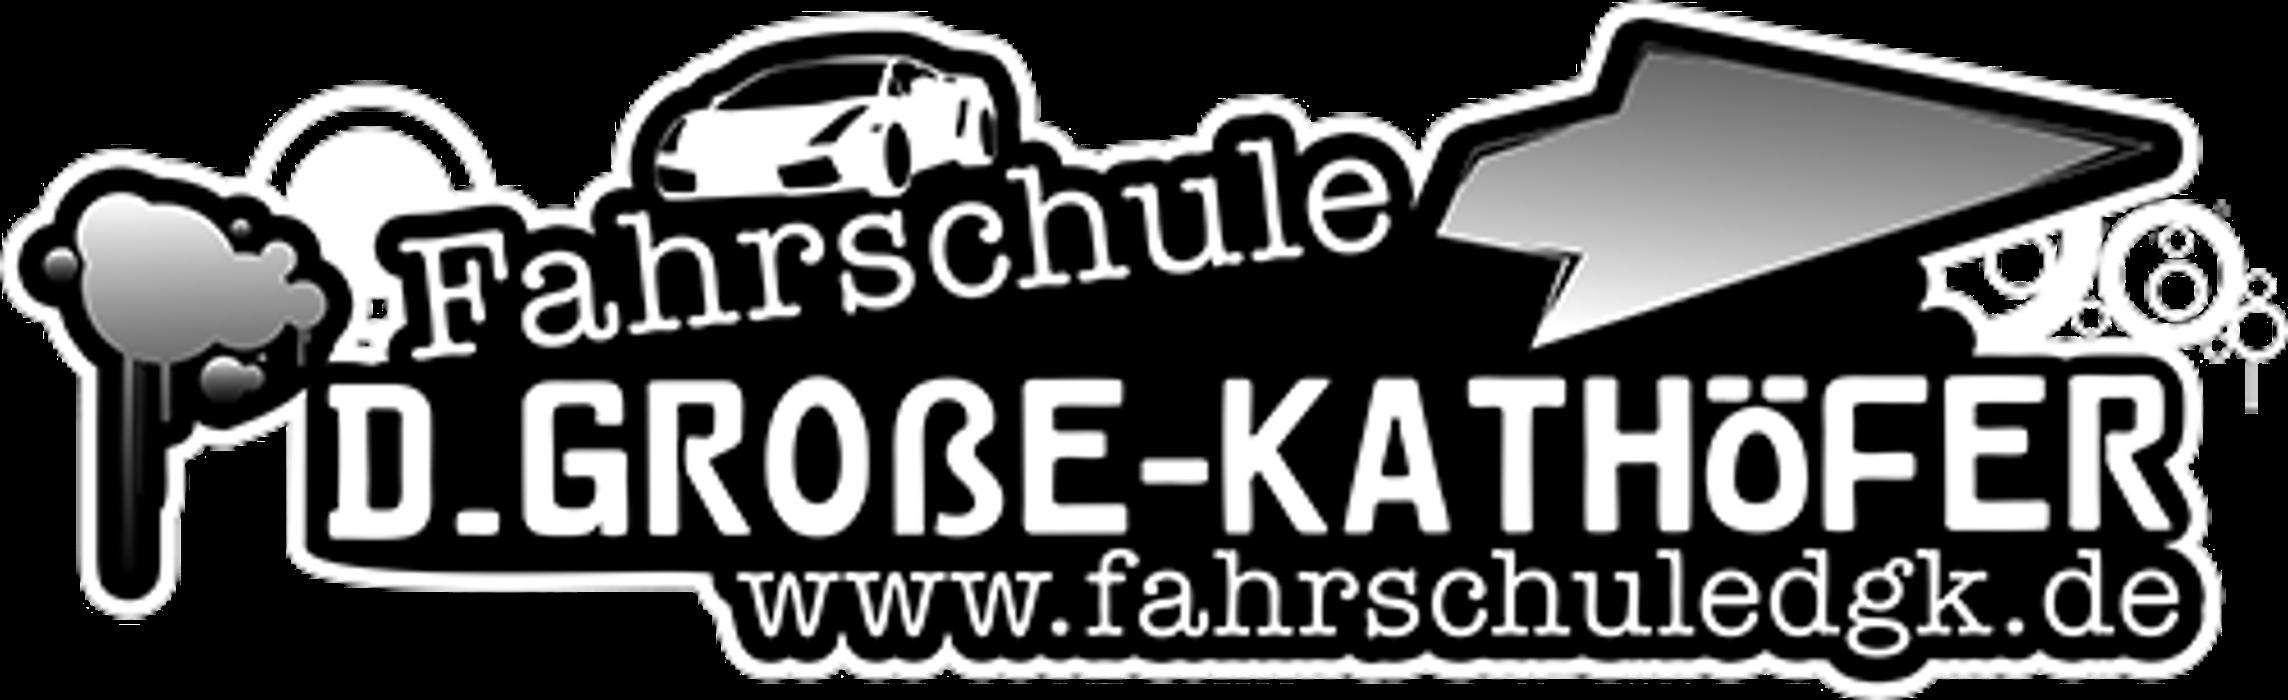 Bild zu Fahrschule Dieter Große-Kathöfer in Bottrop